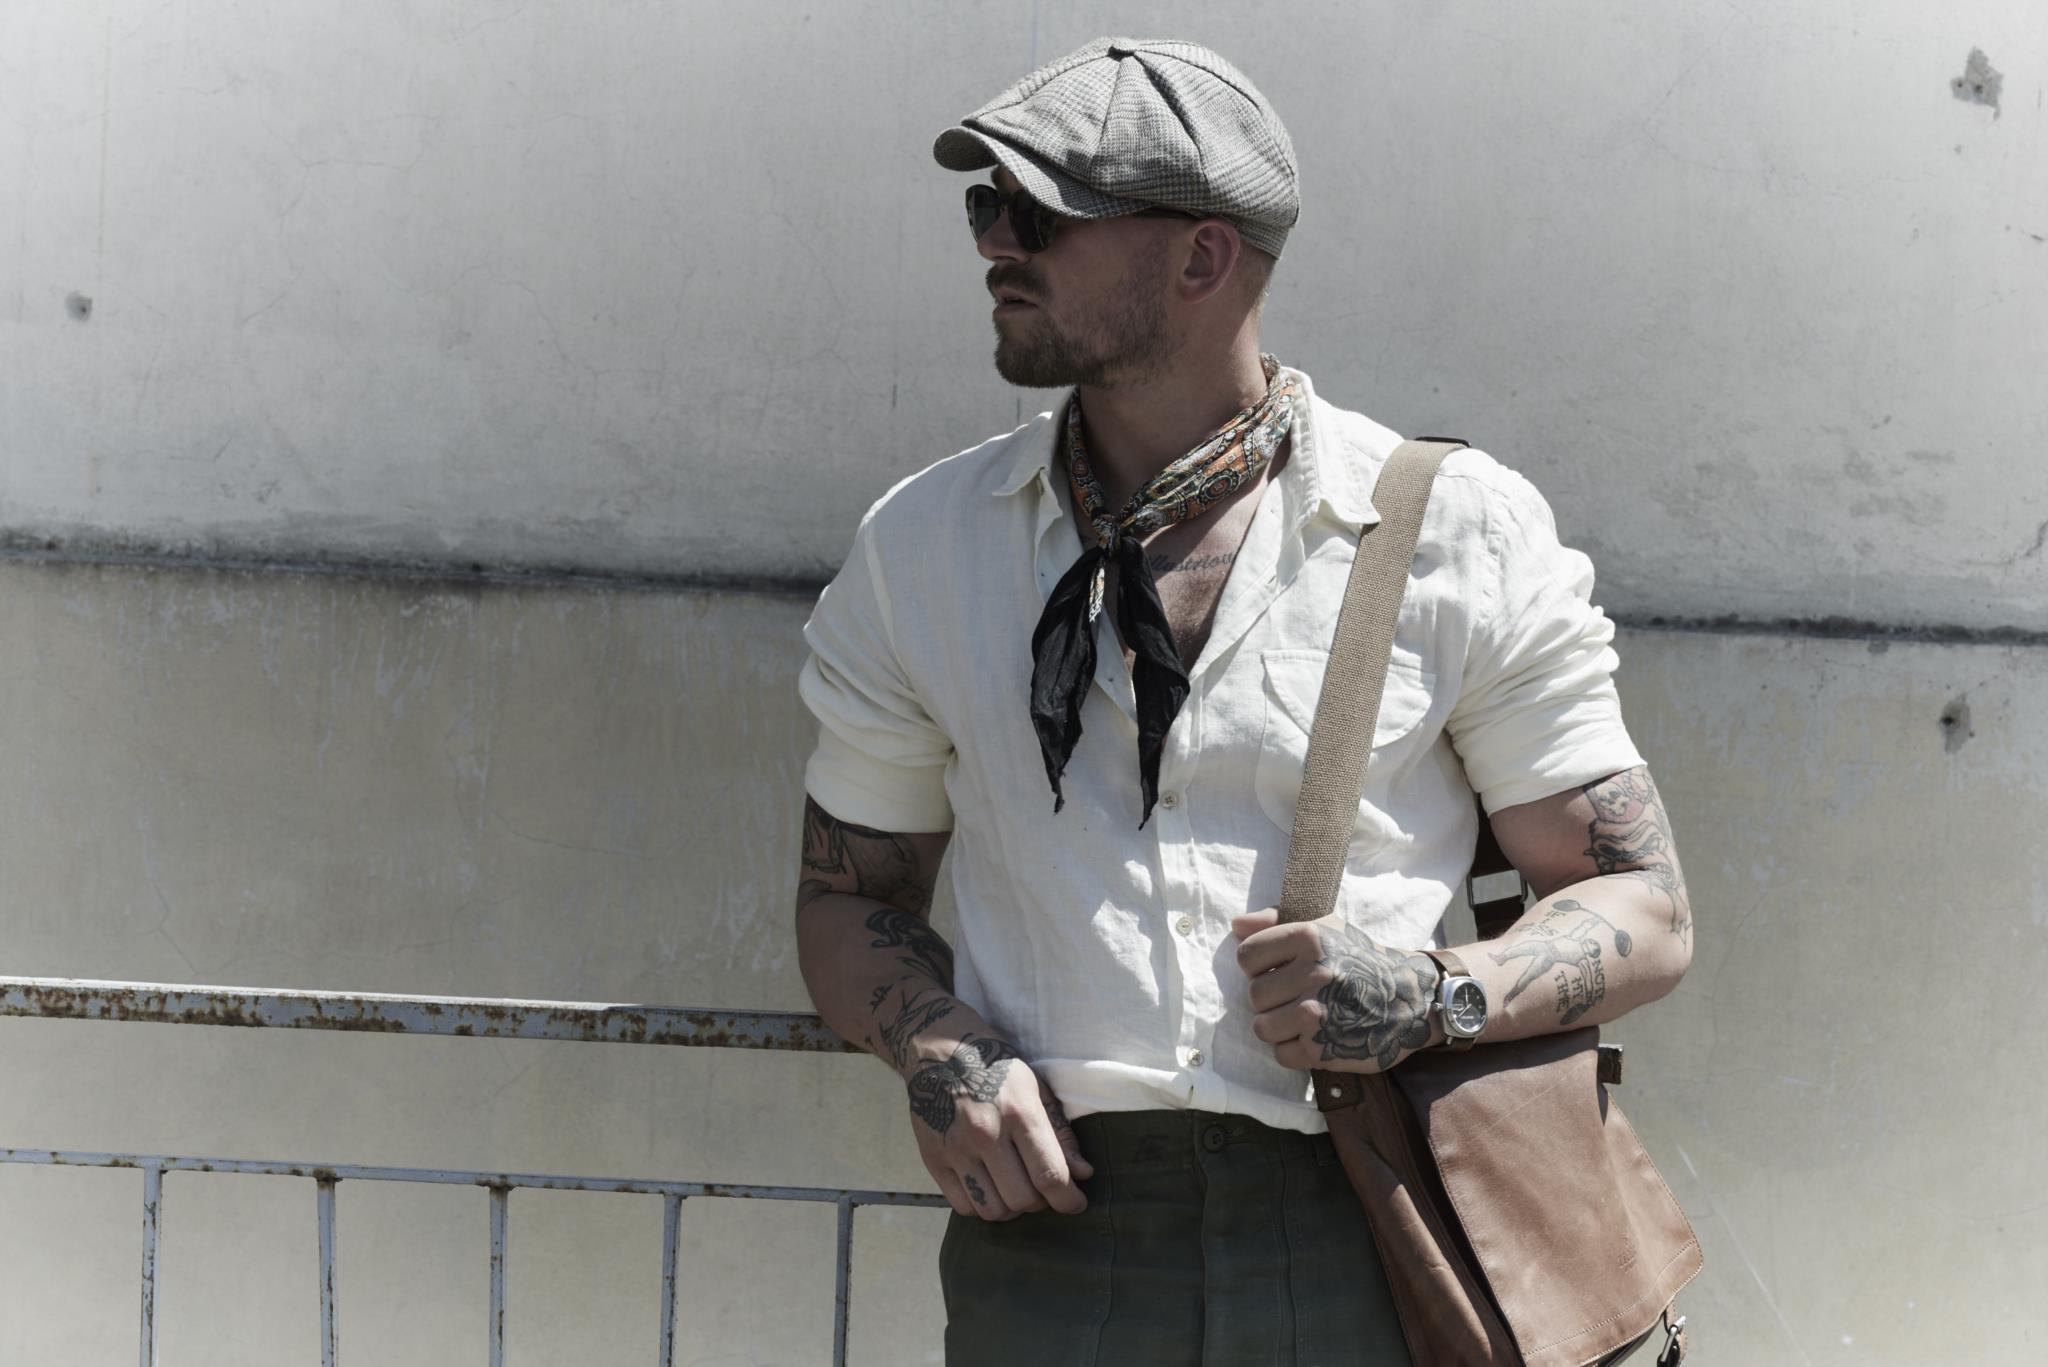 PÚBLICO - <i>Dandy</i> ou desportivo, quem é o homem da moda?